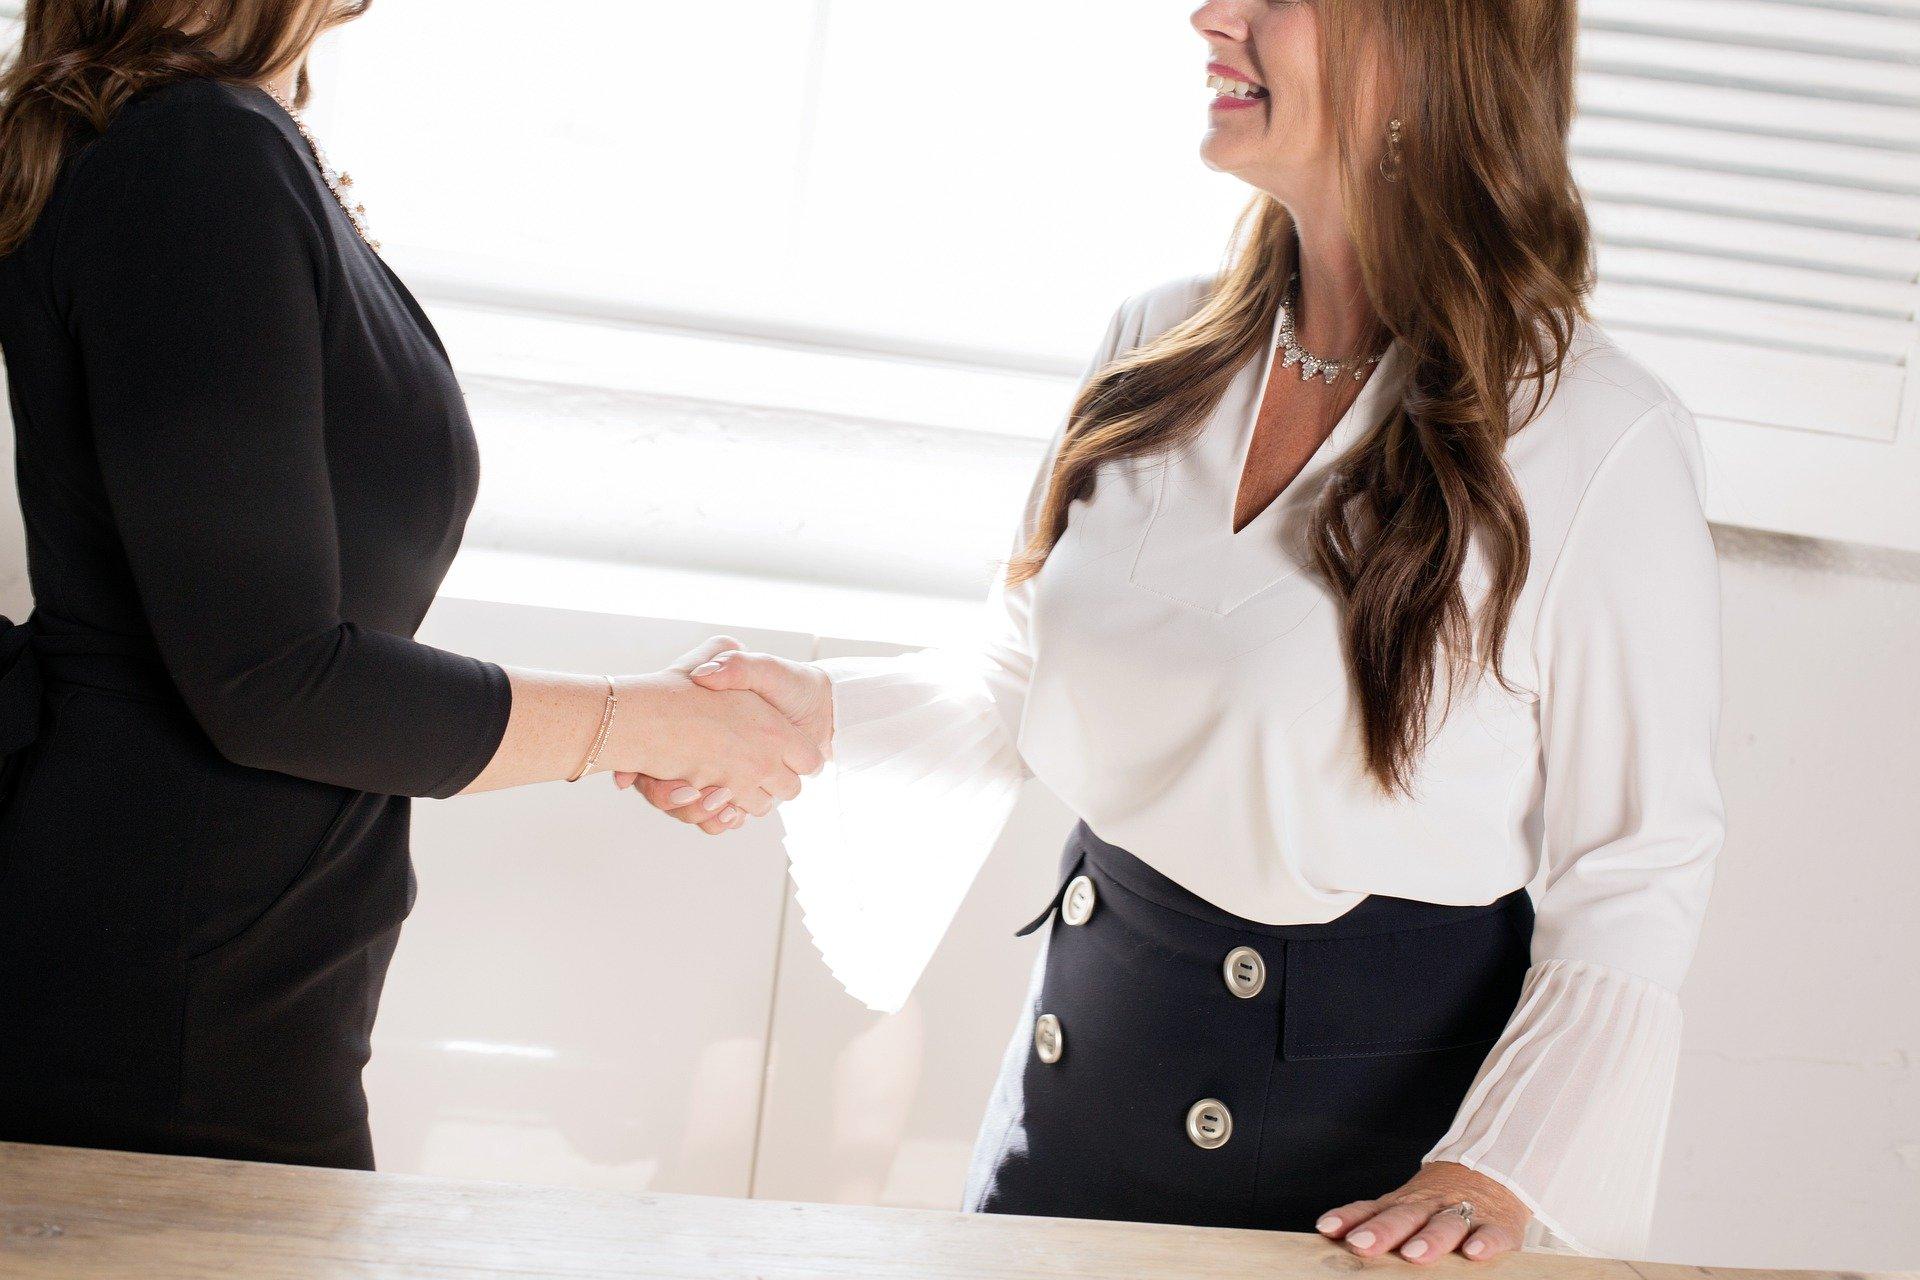 Comment se préparer à un entretien d'embauche